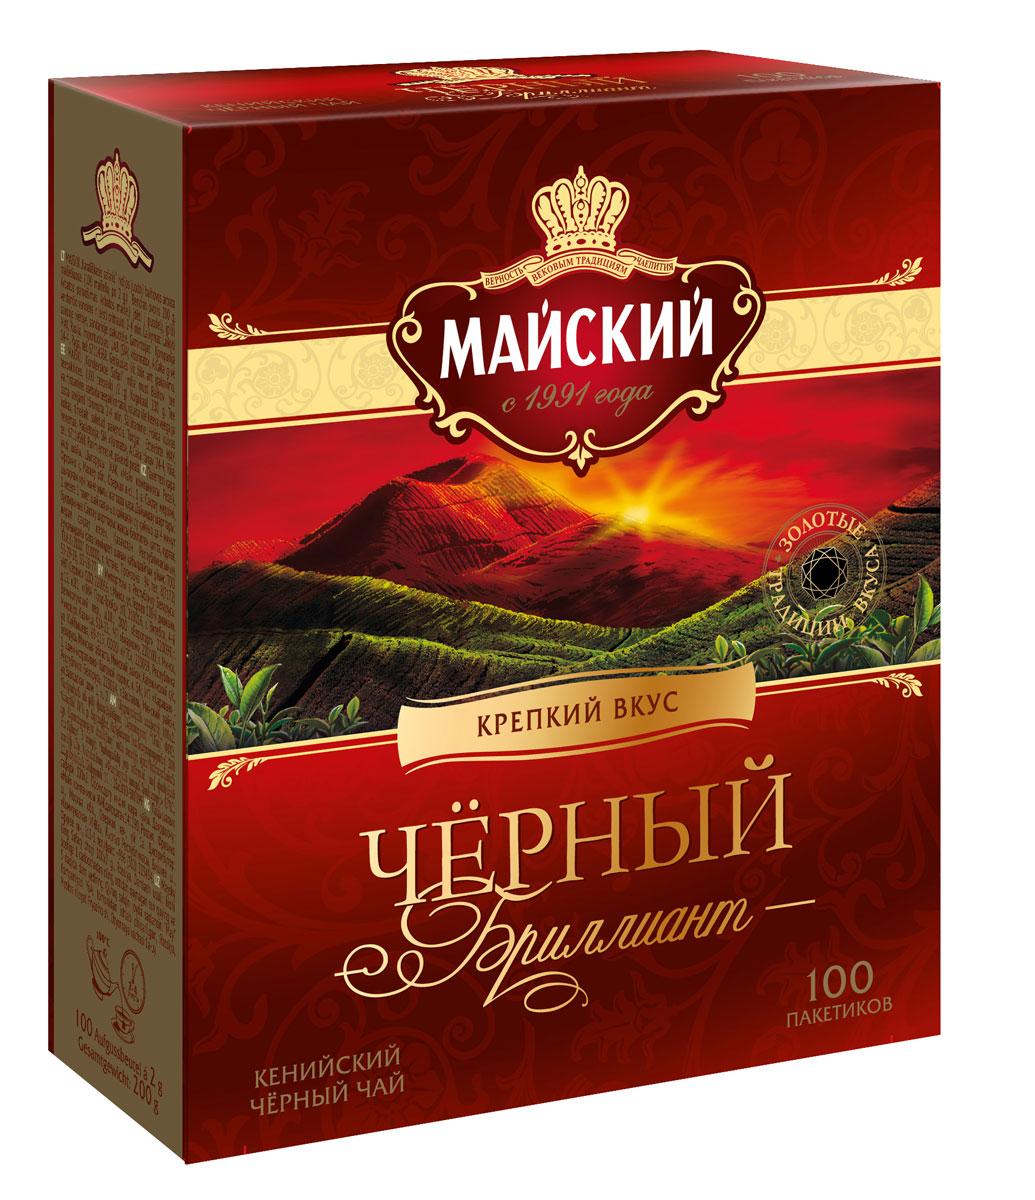 Майский Черный Бриллиант черный чай в пакетиках, 100 шт куплю дом в поселке майский белгородский район